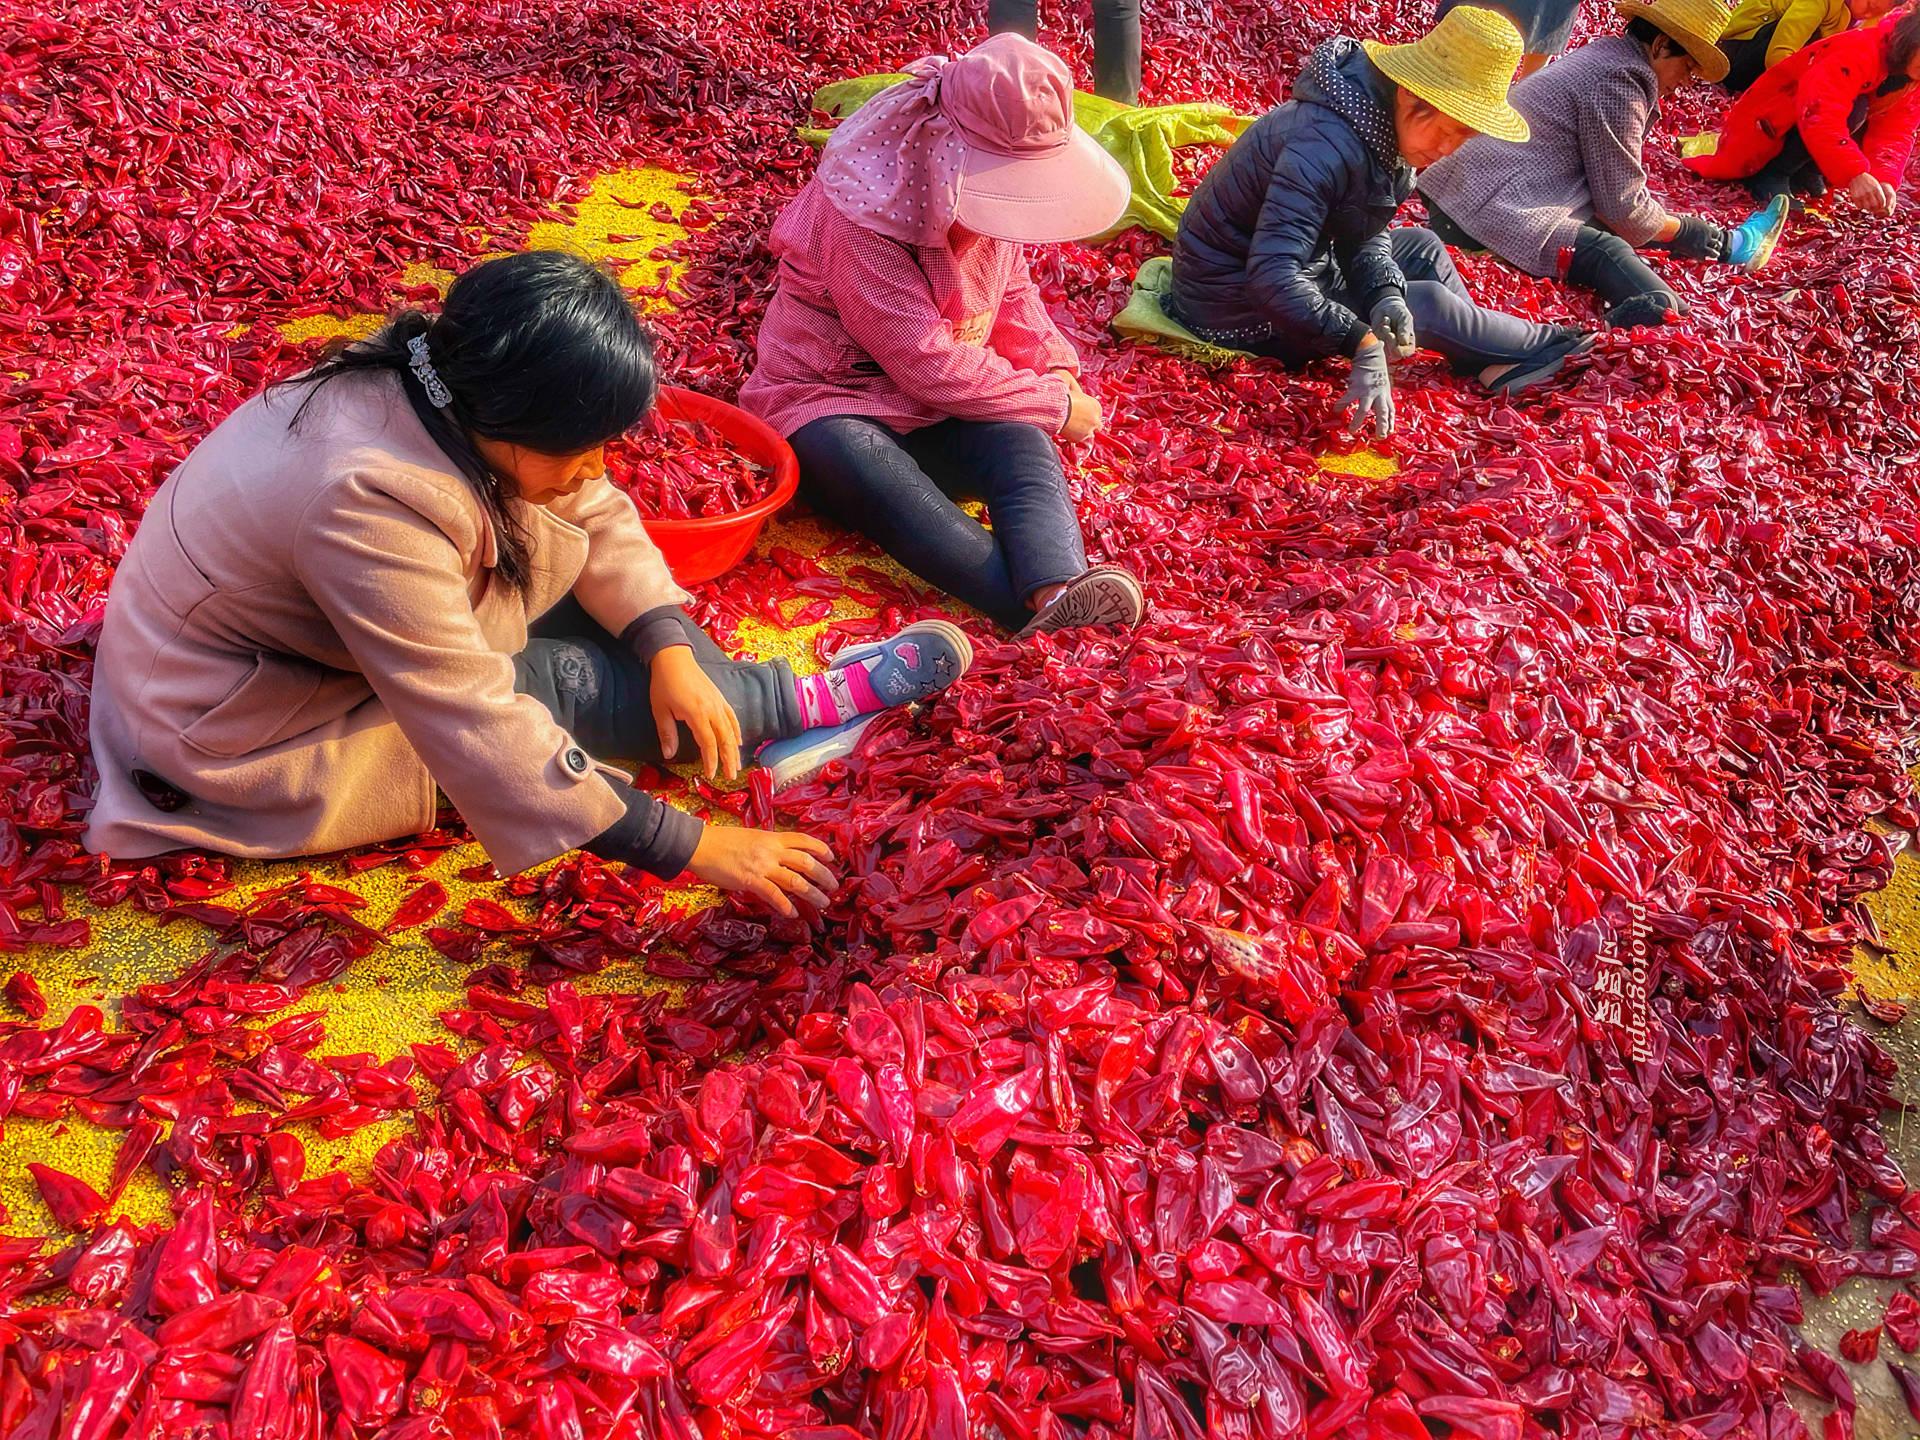 河南淅川自驾游 邂逅辣椒之都 贵州知名油辣椒竟源于这里